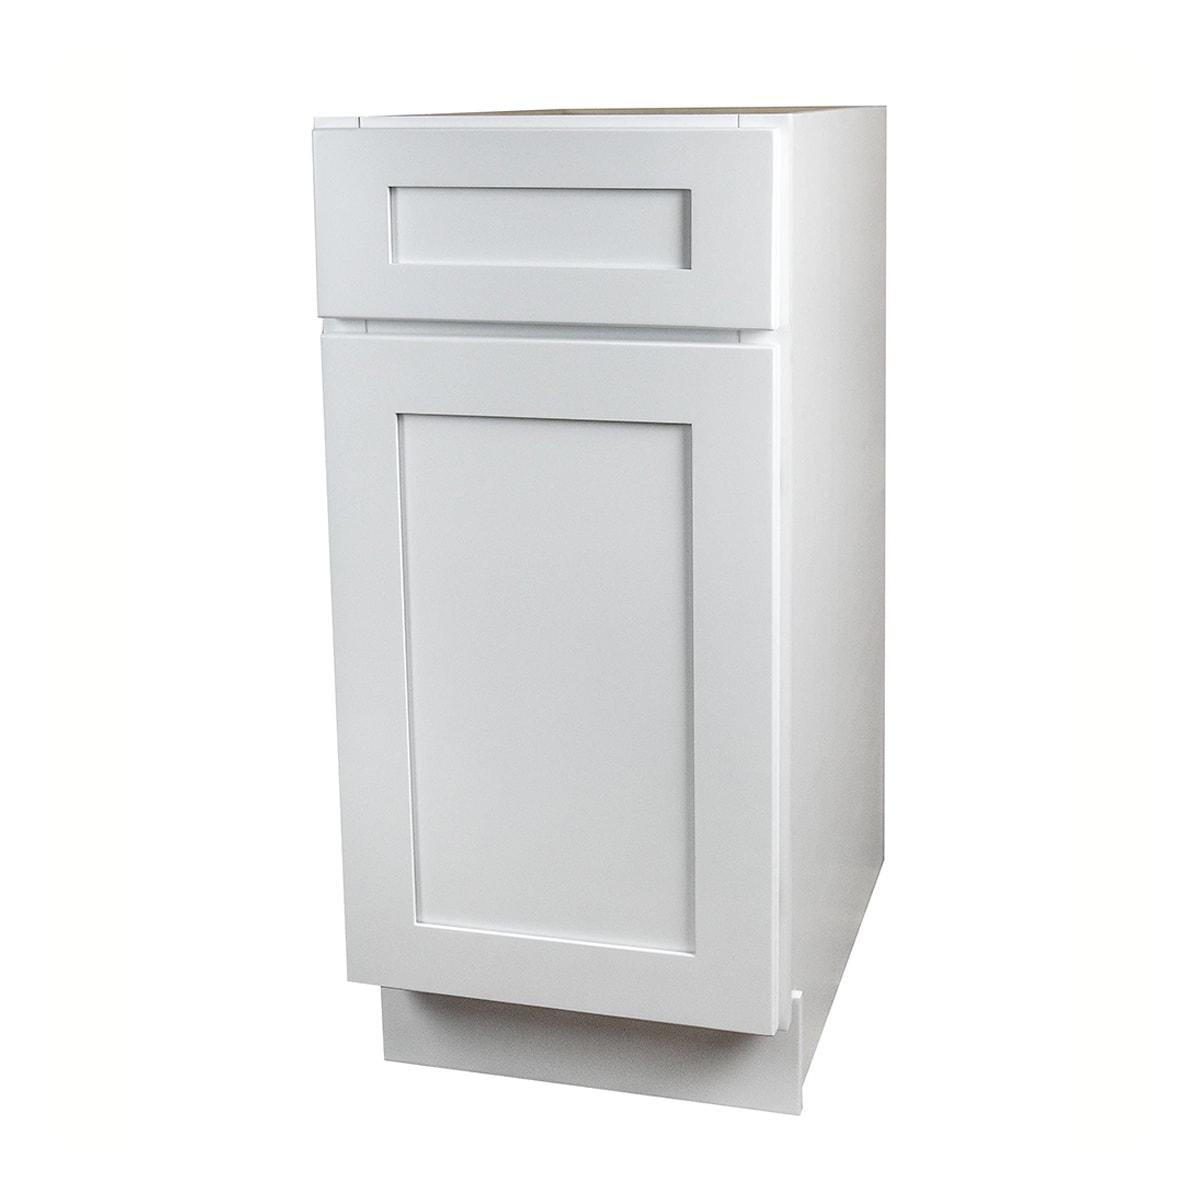 RTA Cabinet Door Samples